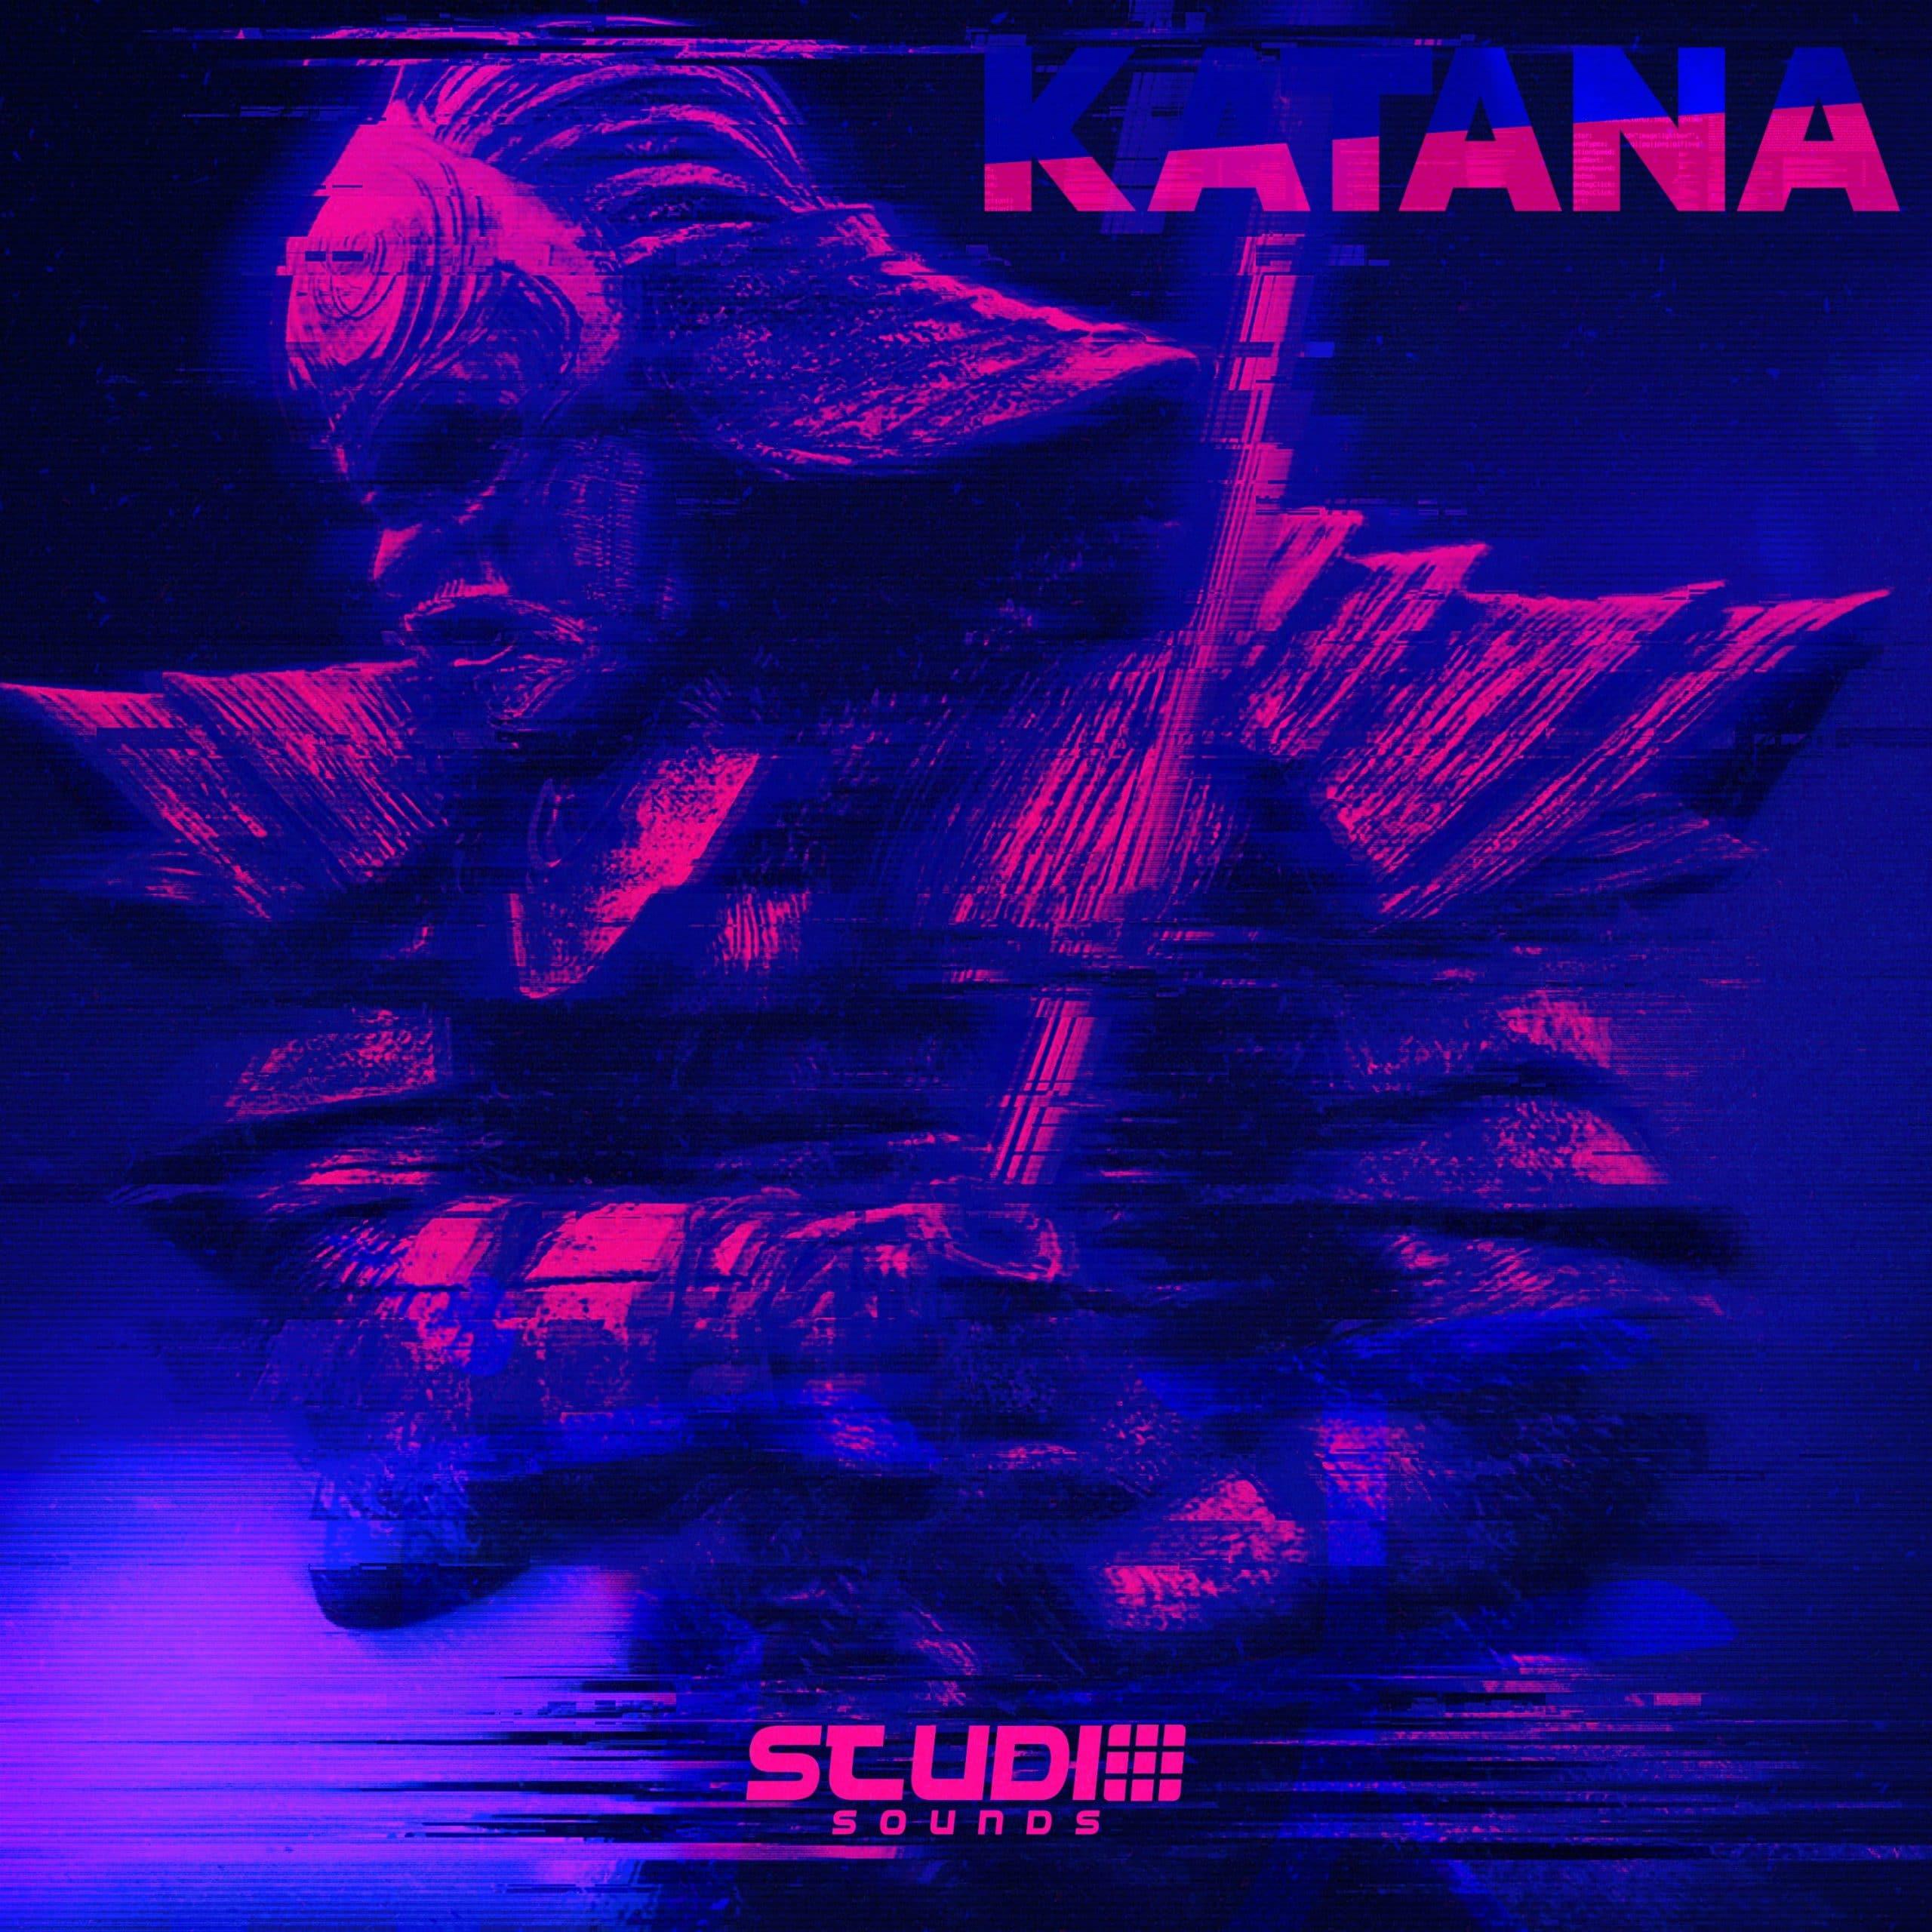 Studio Sounds – Katana (Omnisphere Bank)